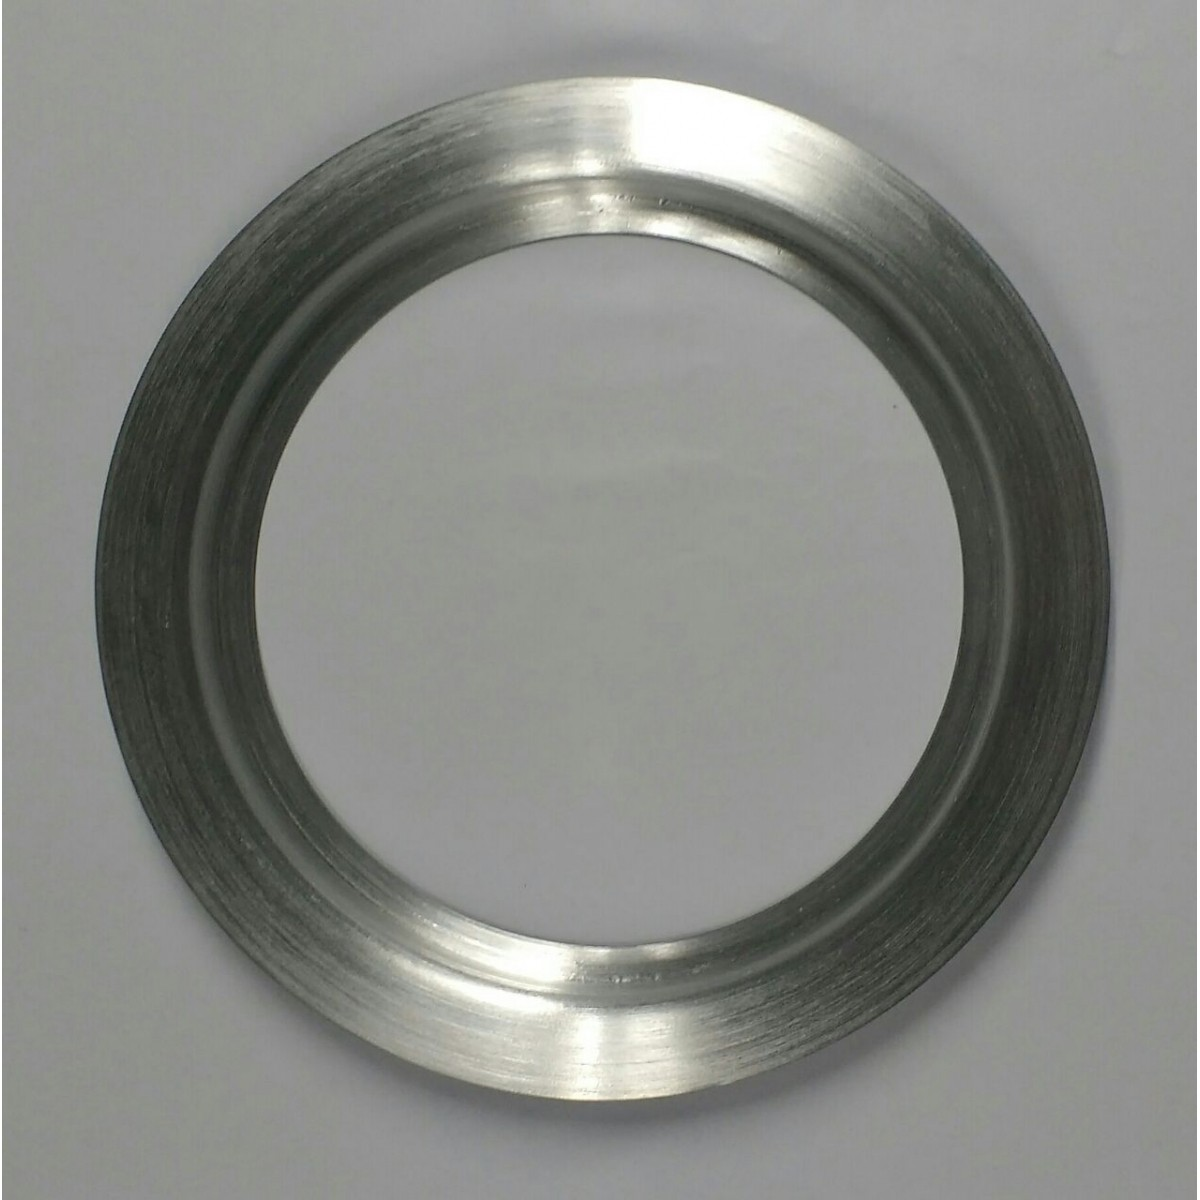 Escotilha ma-02 em Alumínio escovado ( par ) tamanho interno 18,5 cm externo 22 cm  Promoção por tem limitado